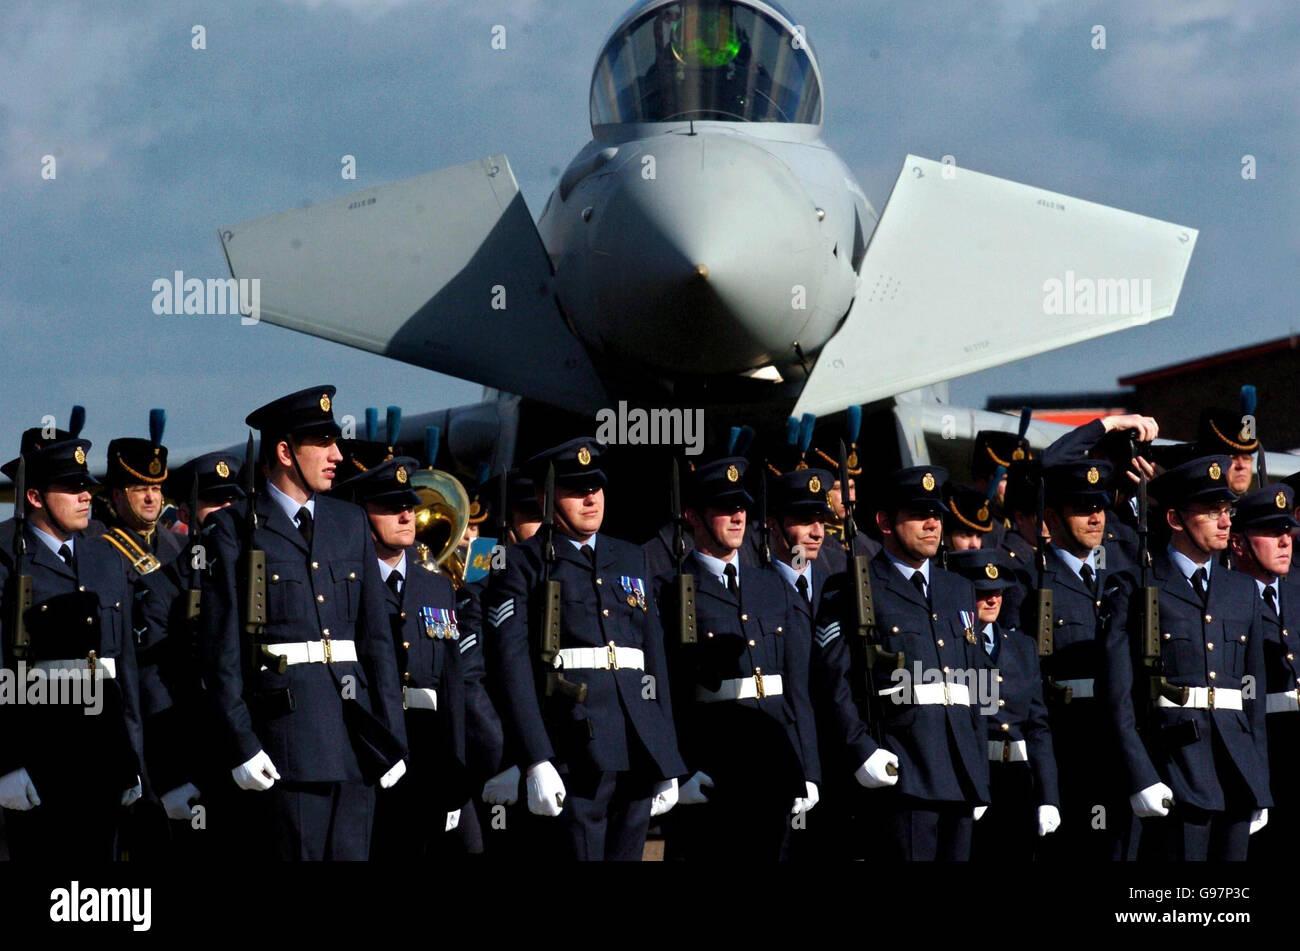 45 millones de aviones Typhoon Eurofighter se han puesto a tierra por un problema con su sistema de aire acondicionado. Ver la historia de PA DEFENSA Typhoon. ASOCIACIÓN DE PRENSA Foto. El crédito de la foto debe decir: Chris Radburn/PA Foto de stock